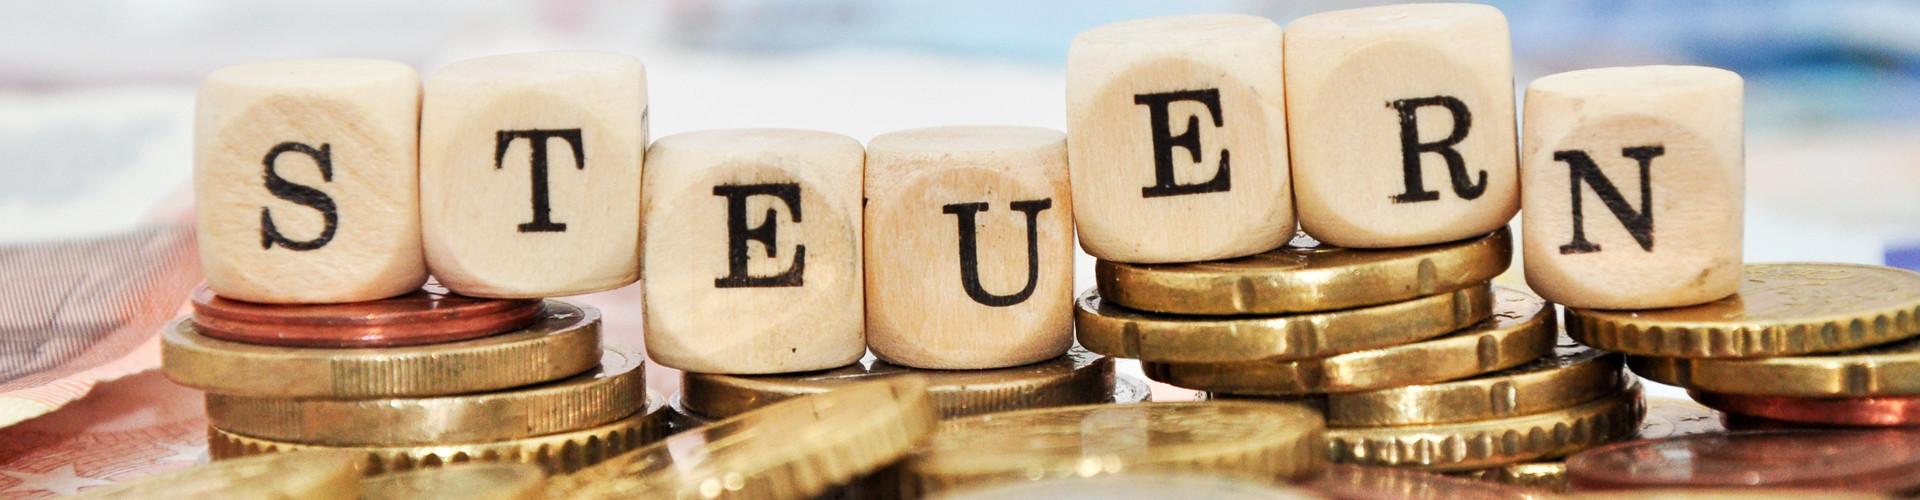 """Buchstabenwürfel, welche auf einem Stapel Euro-Münzen liegen, bilden das Wort """"Steuern"""" © Marco2811, stock.adobe.com"""